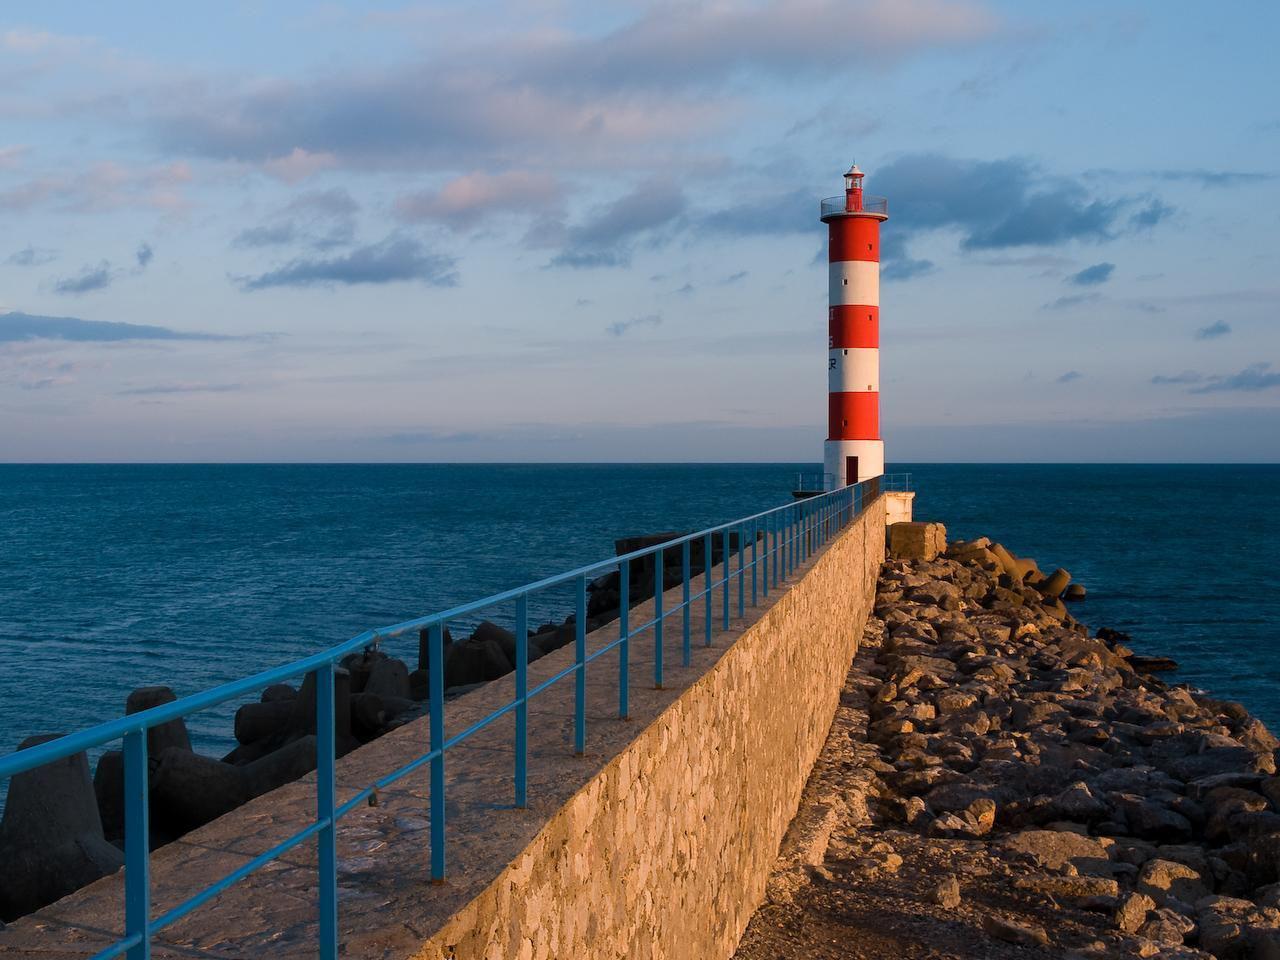 Guide de tourisme par commune port la nouvelle 11 office de tourisme syndicat d 39 initiative - Windfinder port la nouvelle ...